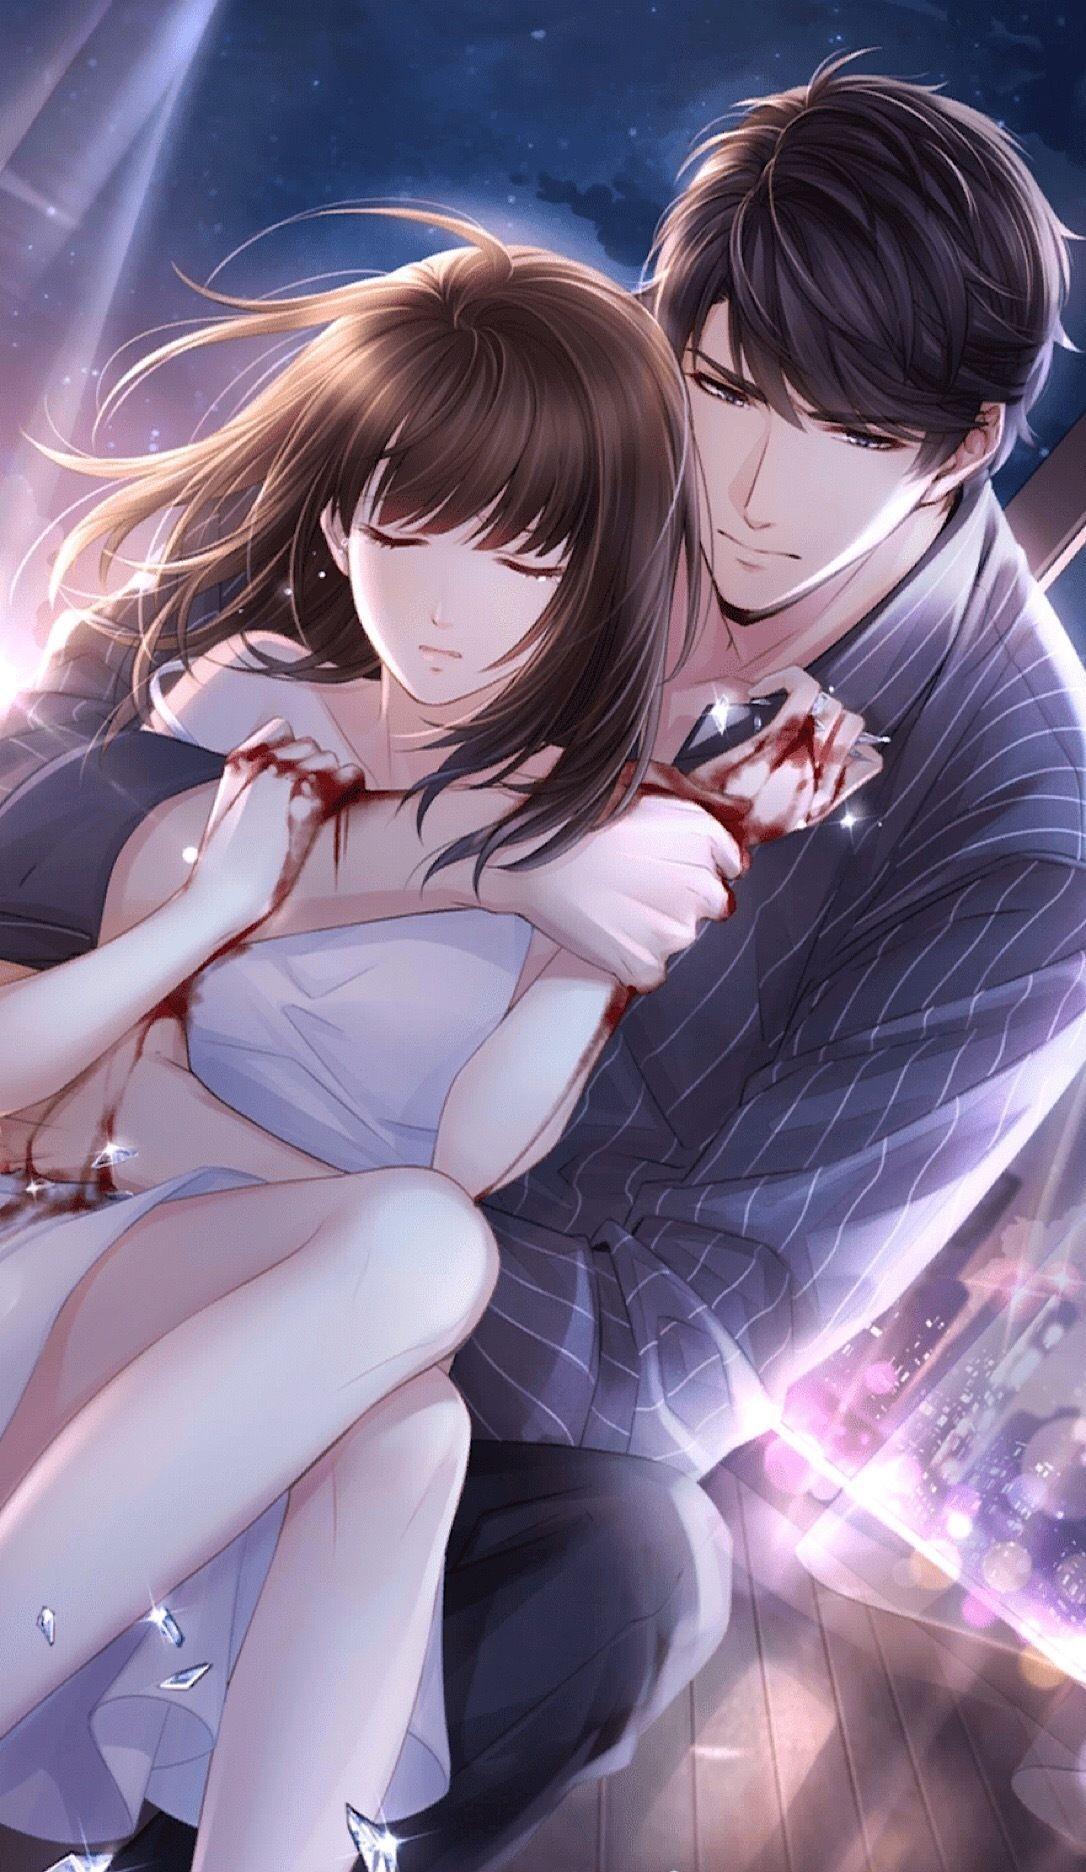 【万圣节主题活动点倒序】分享适合壁纸的卡面,小部分自截🌜 Anime romance, Romantic